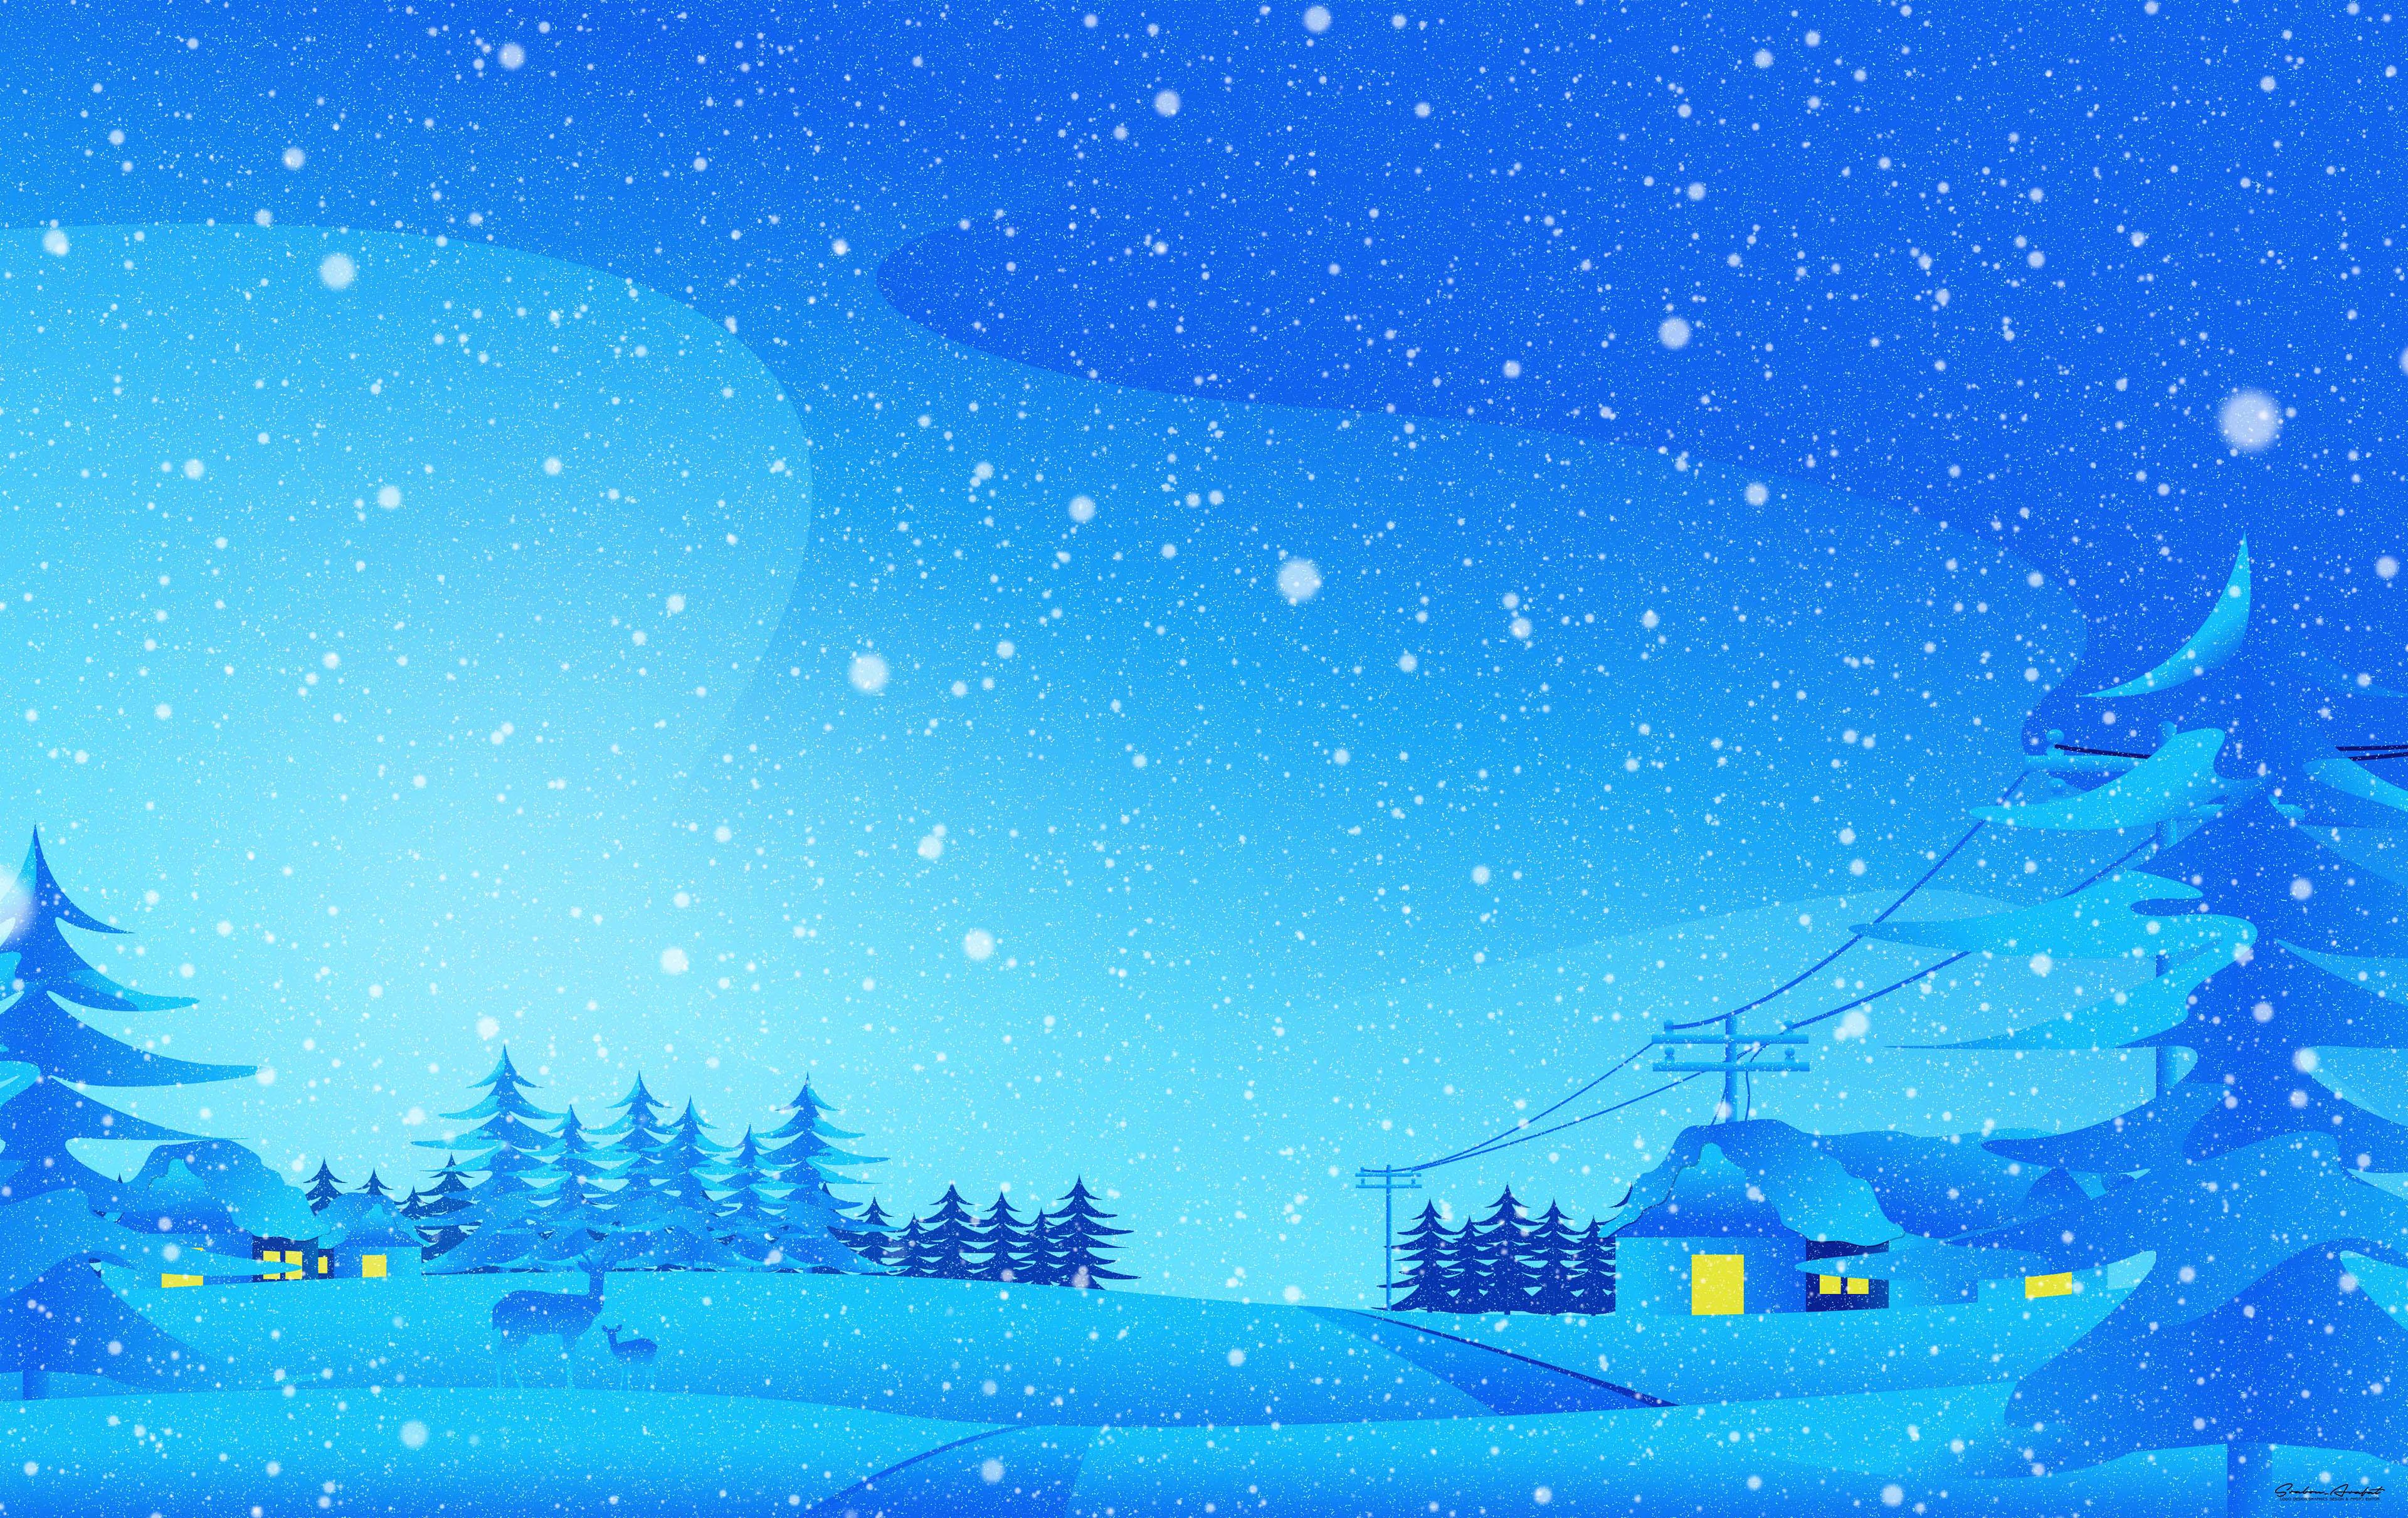 december winter digital art 1578254997 - December Winter Digital Art -